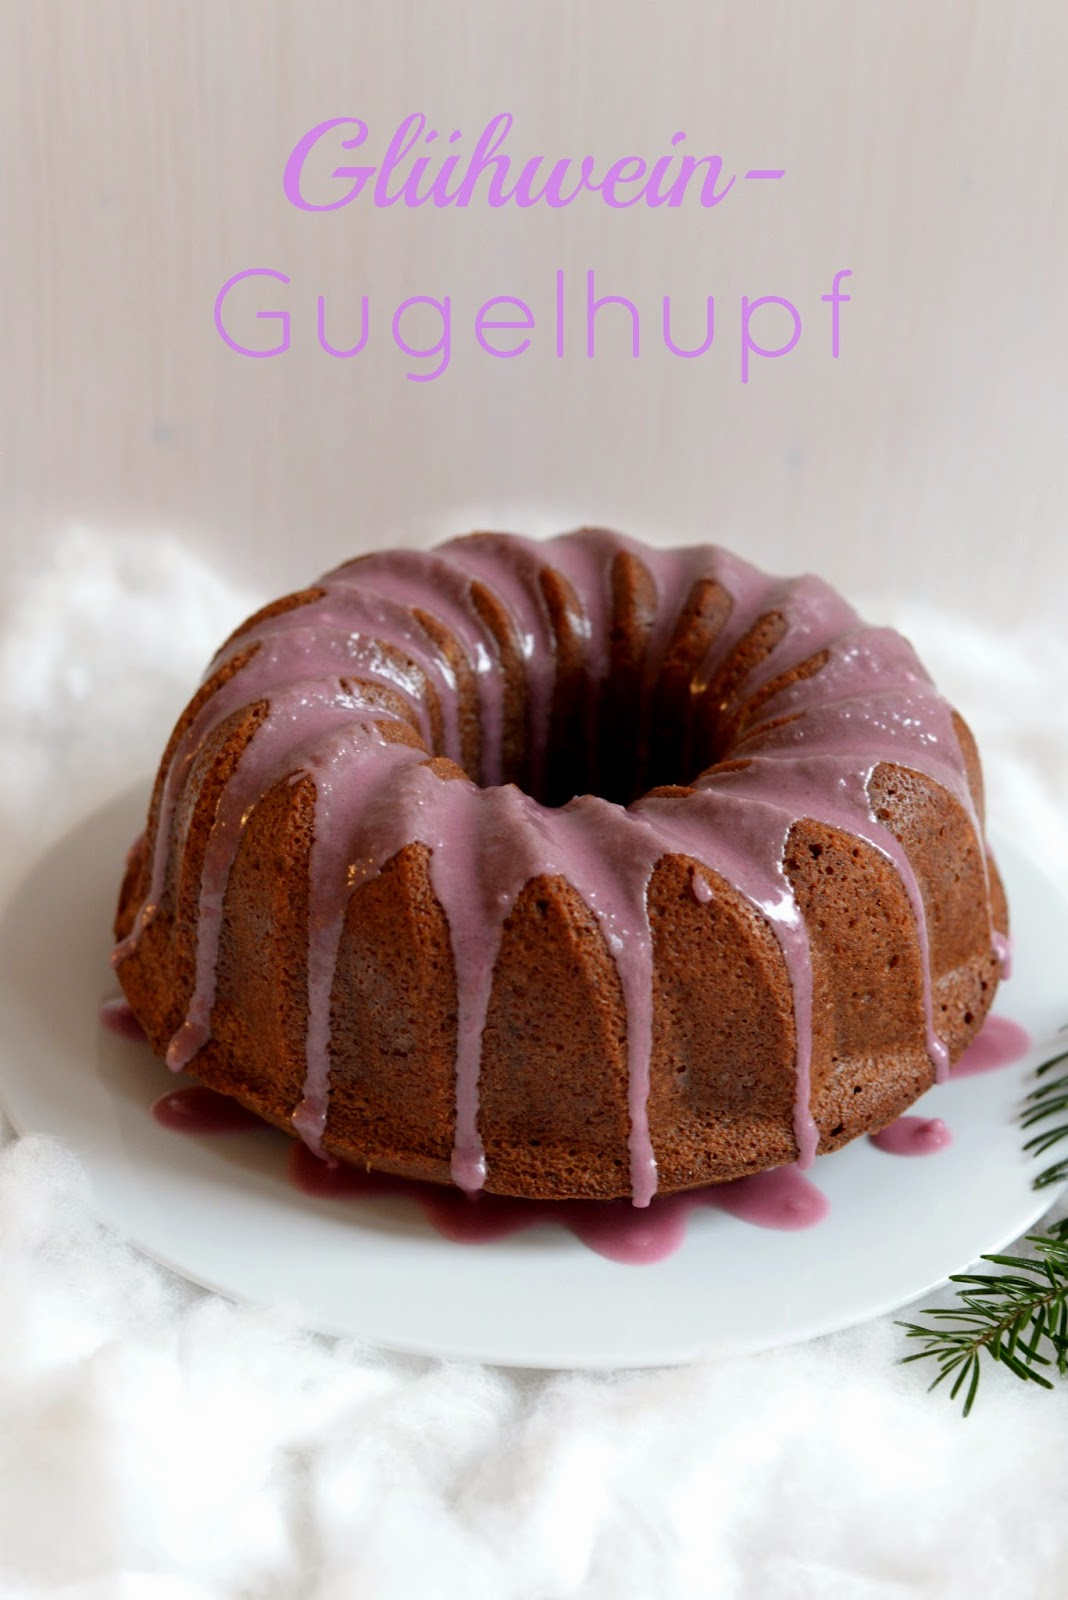 glühwein, wein, gugelhupf, kuchen, cake, wine, christmas, weihnachten, advent, winter, rezept, nachtisch, dessert, kipferl und krapferl, foodblogger